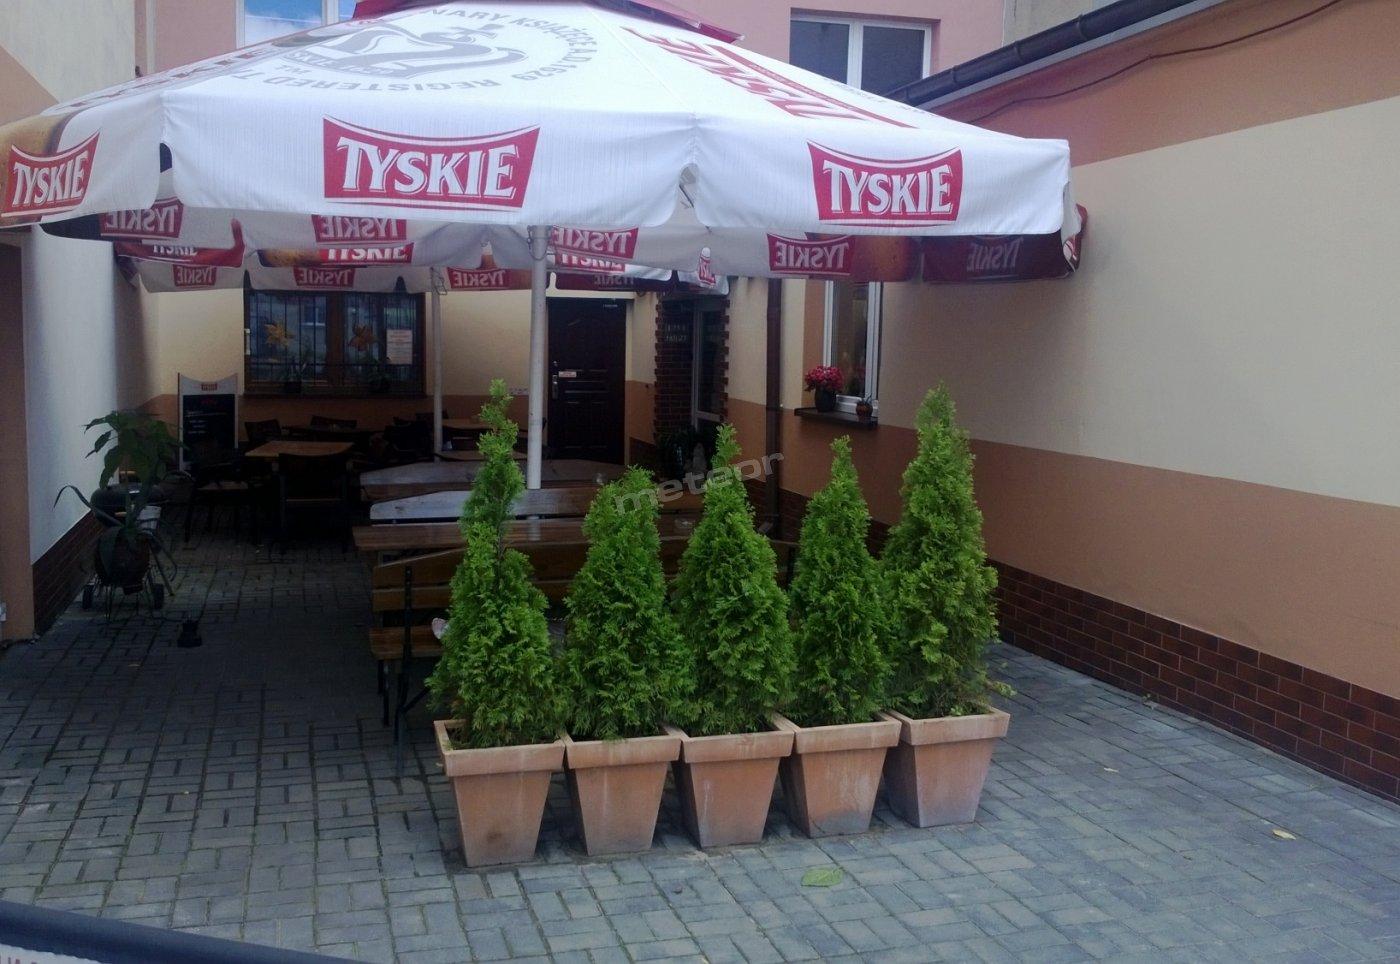 Hostel - Noclegi Dla Firm